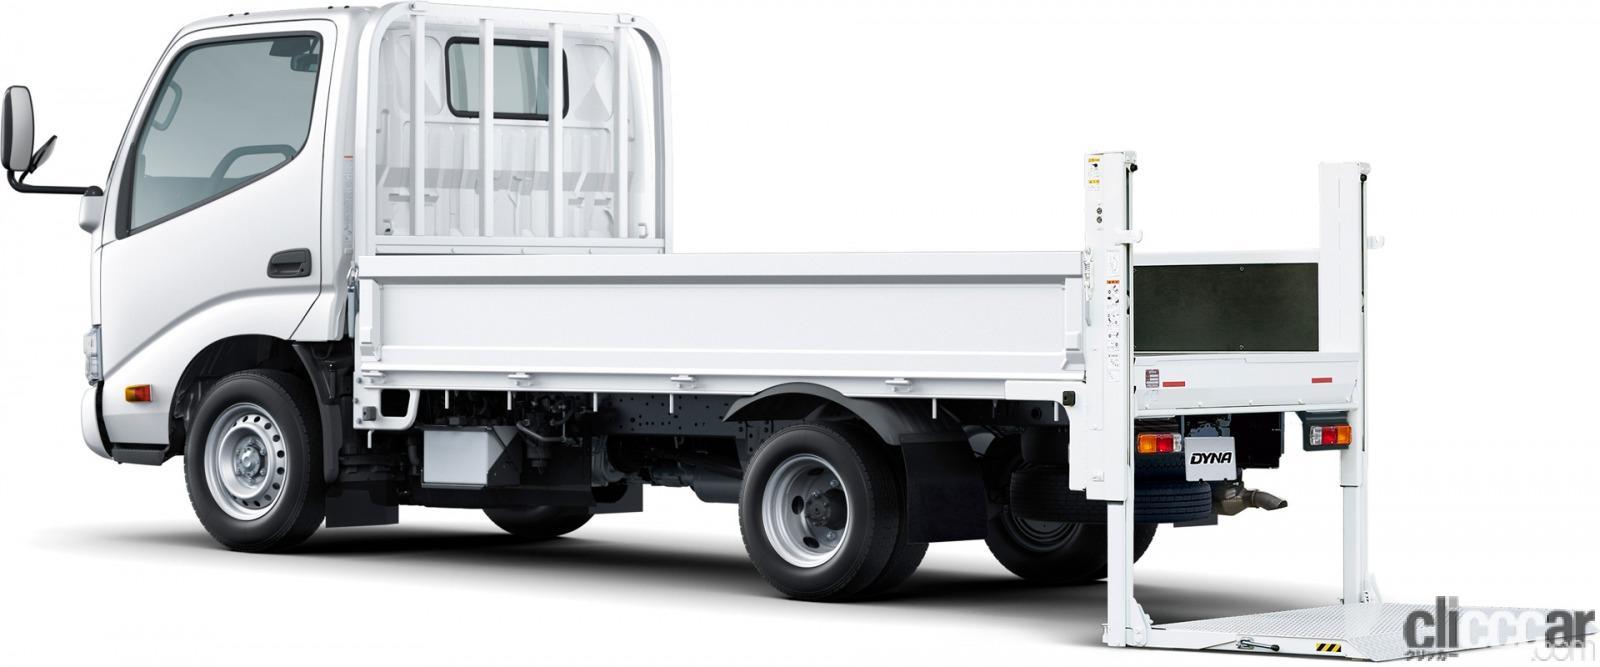 「トヨタの小型・中型トラックに衝突被害軽減ブレーキなどの先進安全装備を標準化」の2枚目の画像